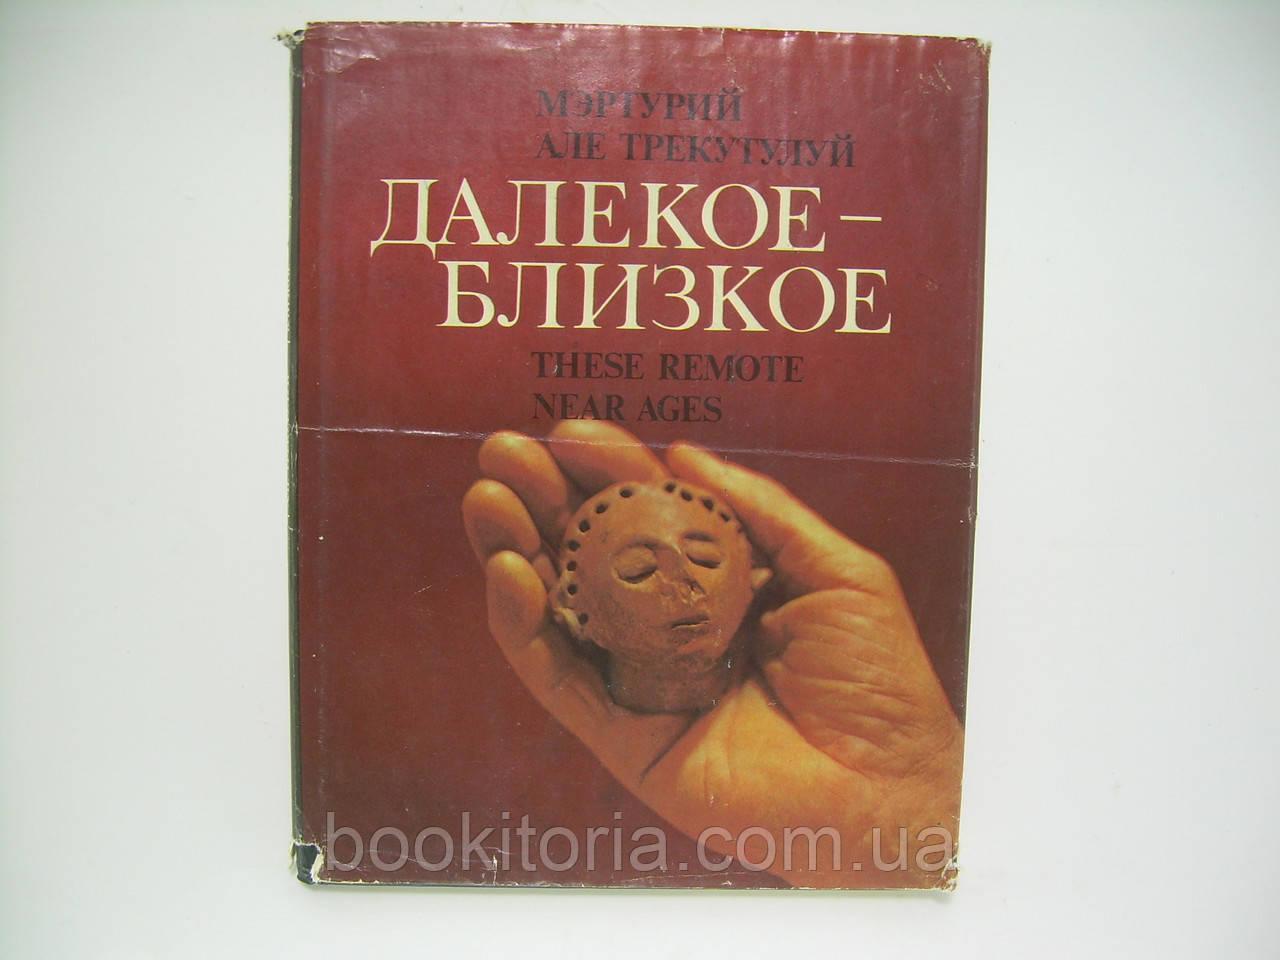 Мэртурий Але Трекутулуй. Далекое – близкое. Альбом (б/у).